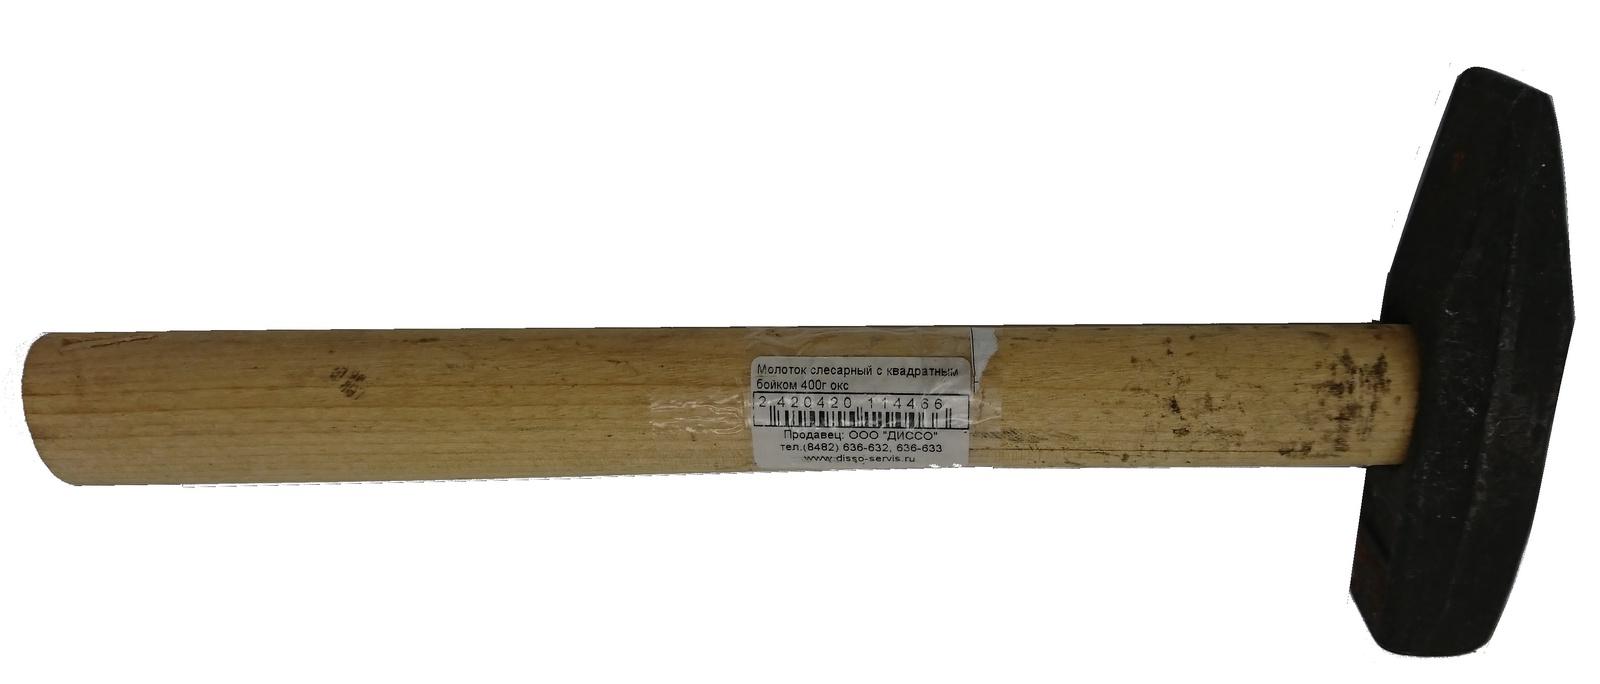 Молоток слесарный с квадратным бойком 400г окс молоток немецкого типа santool с квадратным бойком и деревянной ручкой 600 гр 030811 060